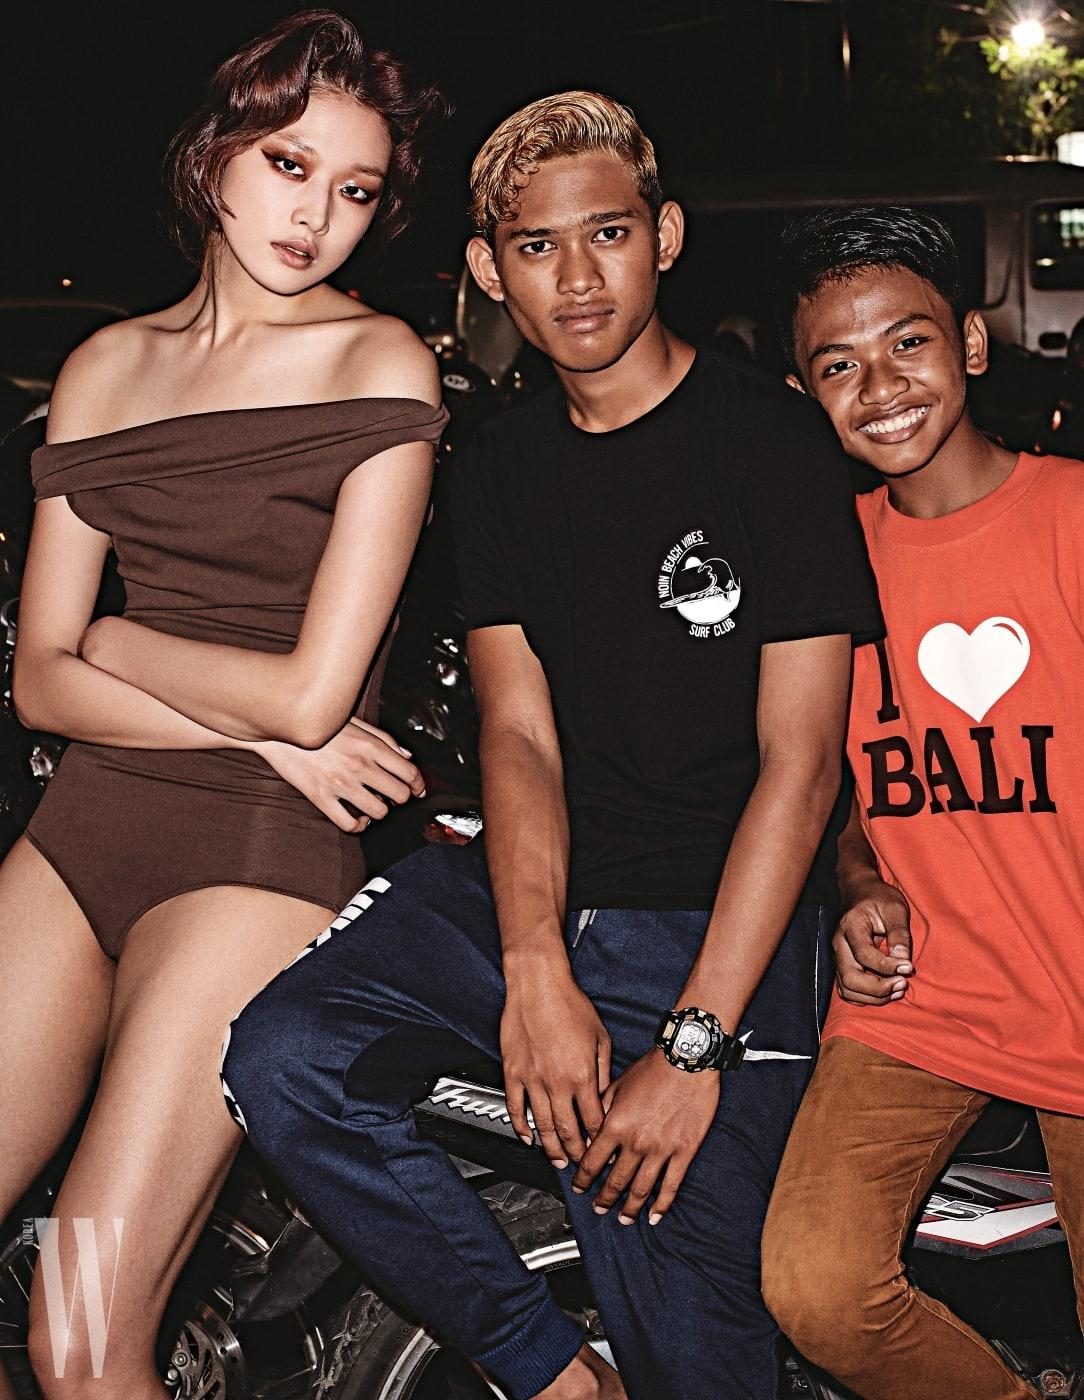 갈색 오프숄더 수영복은 Balenciaga 제품.